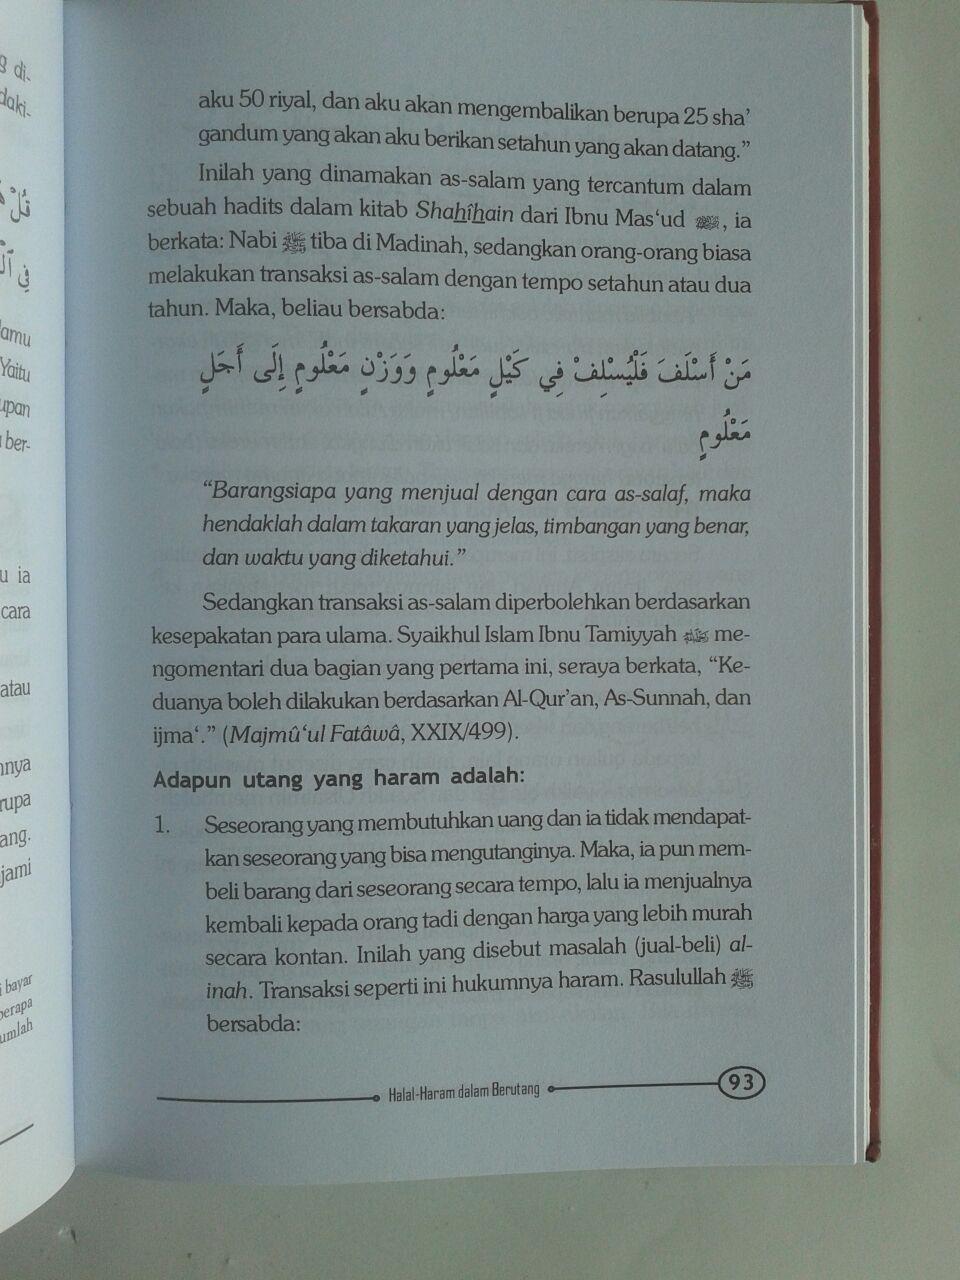 Buku Halal Haram Dalam Bisnis Kontemporer isi 2